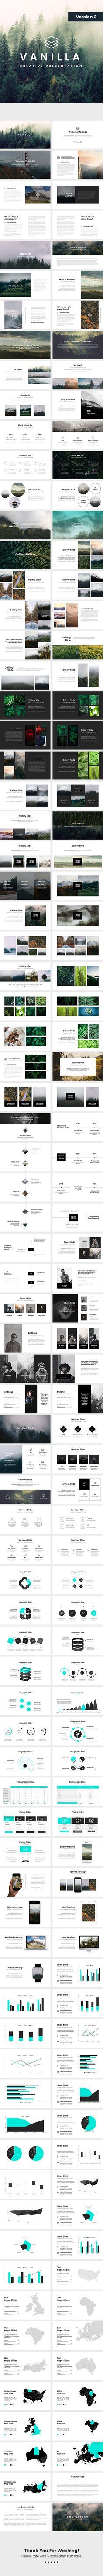 Vanilla Minimal V2 Powerpoint Template - Creative PowerPoint Templates